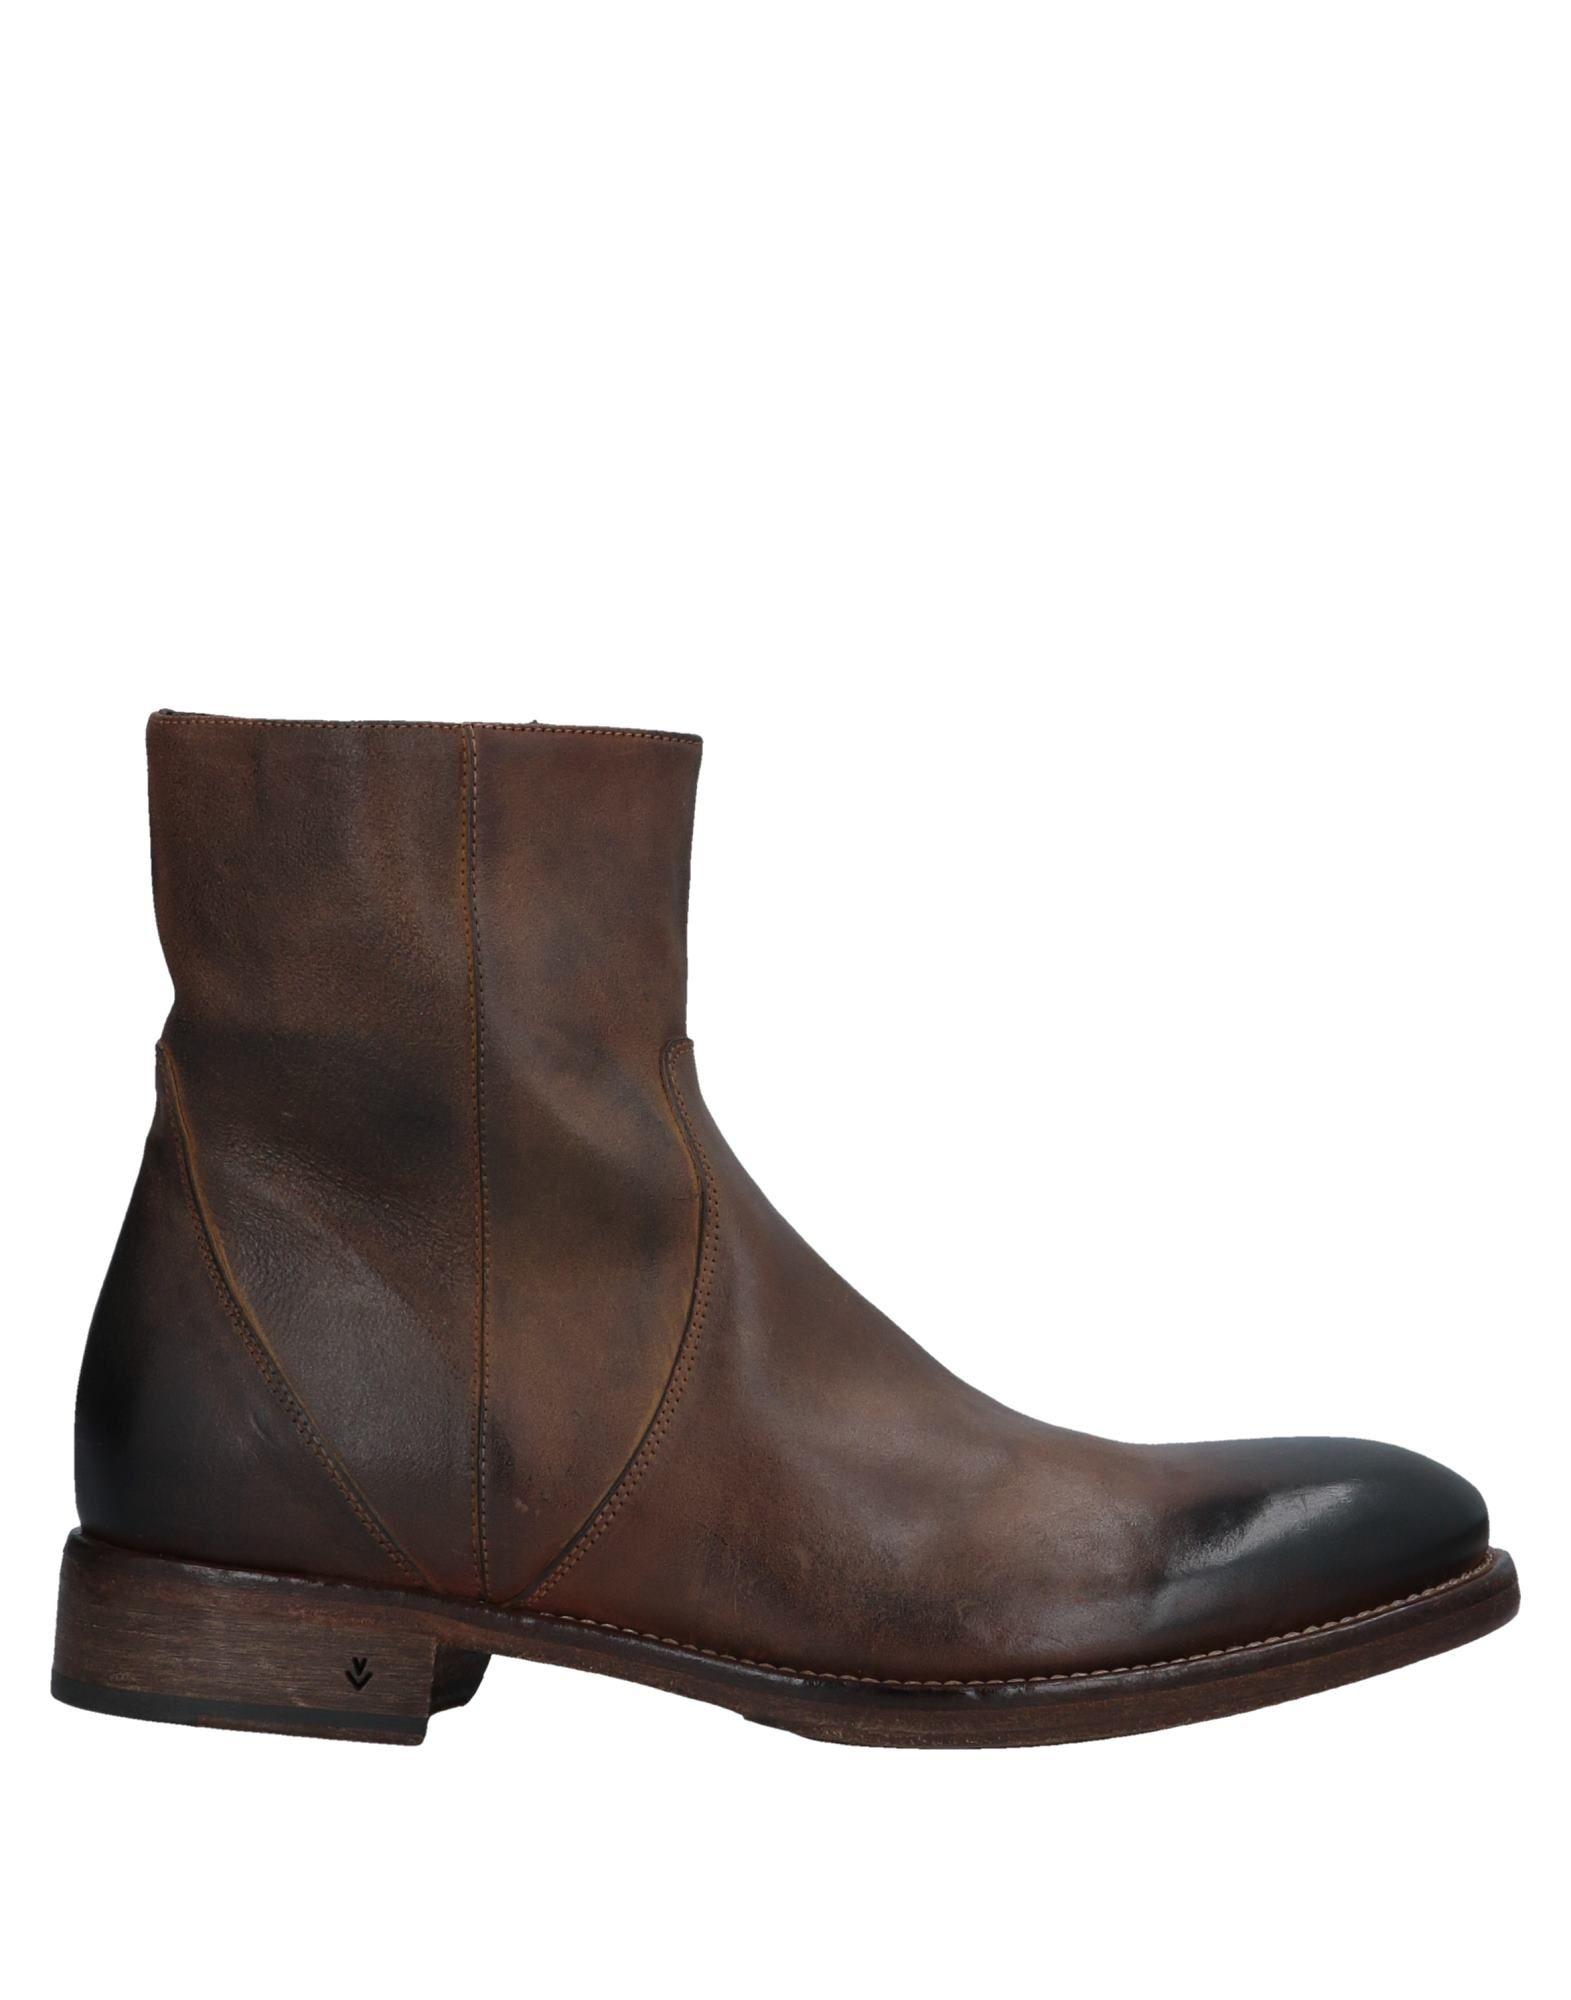 John Varvatos Stiefelette Herren  11535930JV Gute Qualität beliebte Schuhe